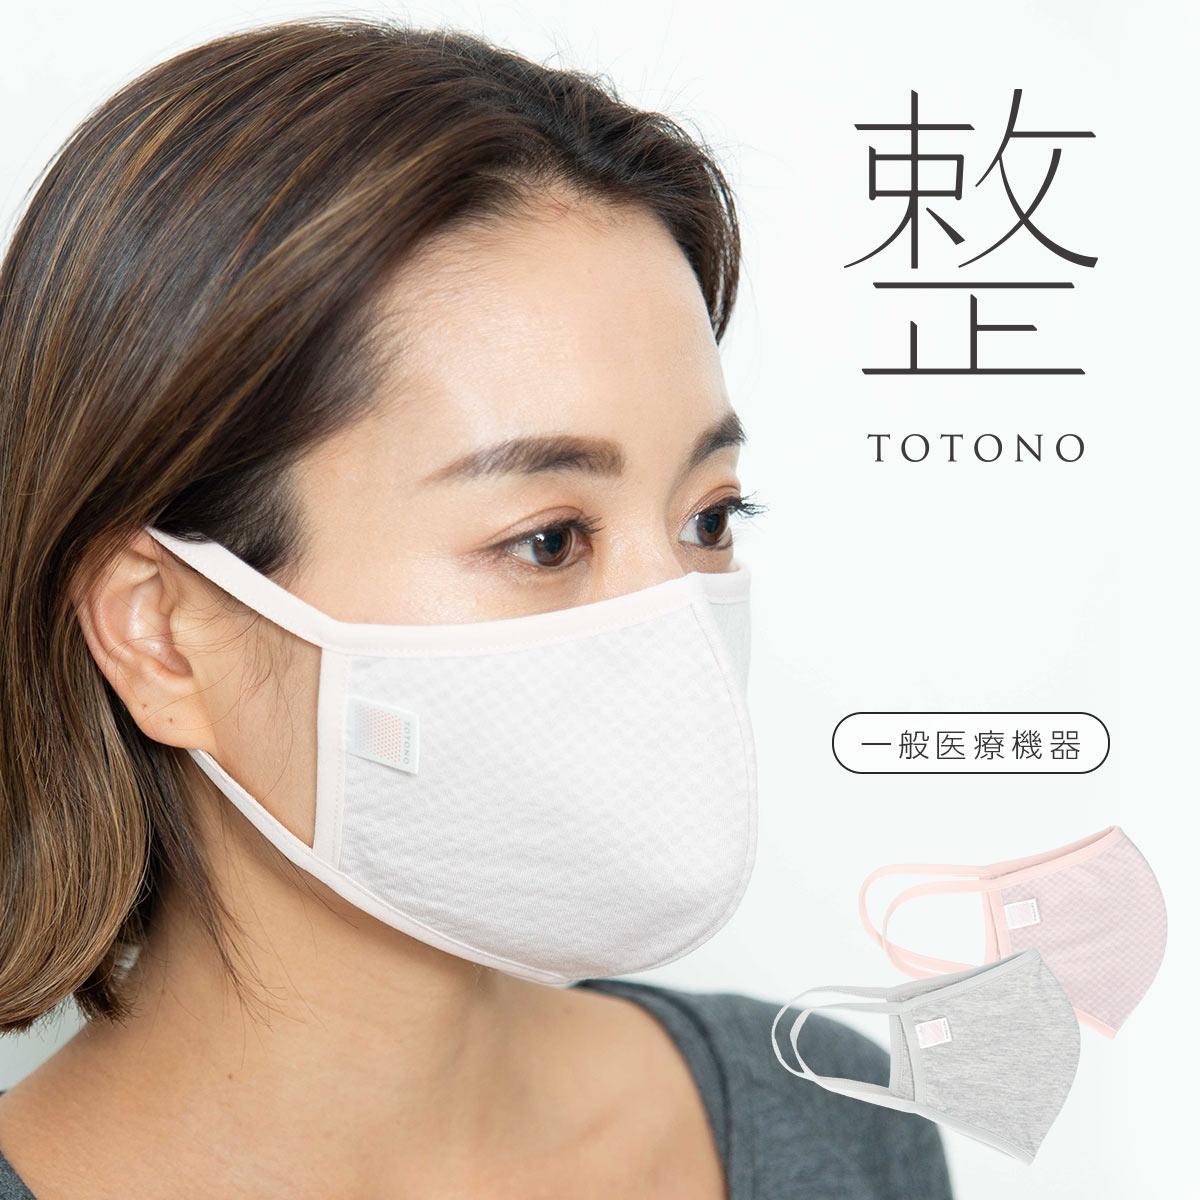 整(TOTONO) マスク